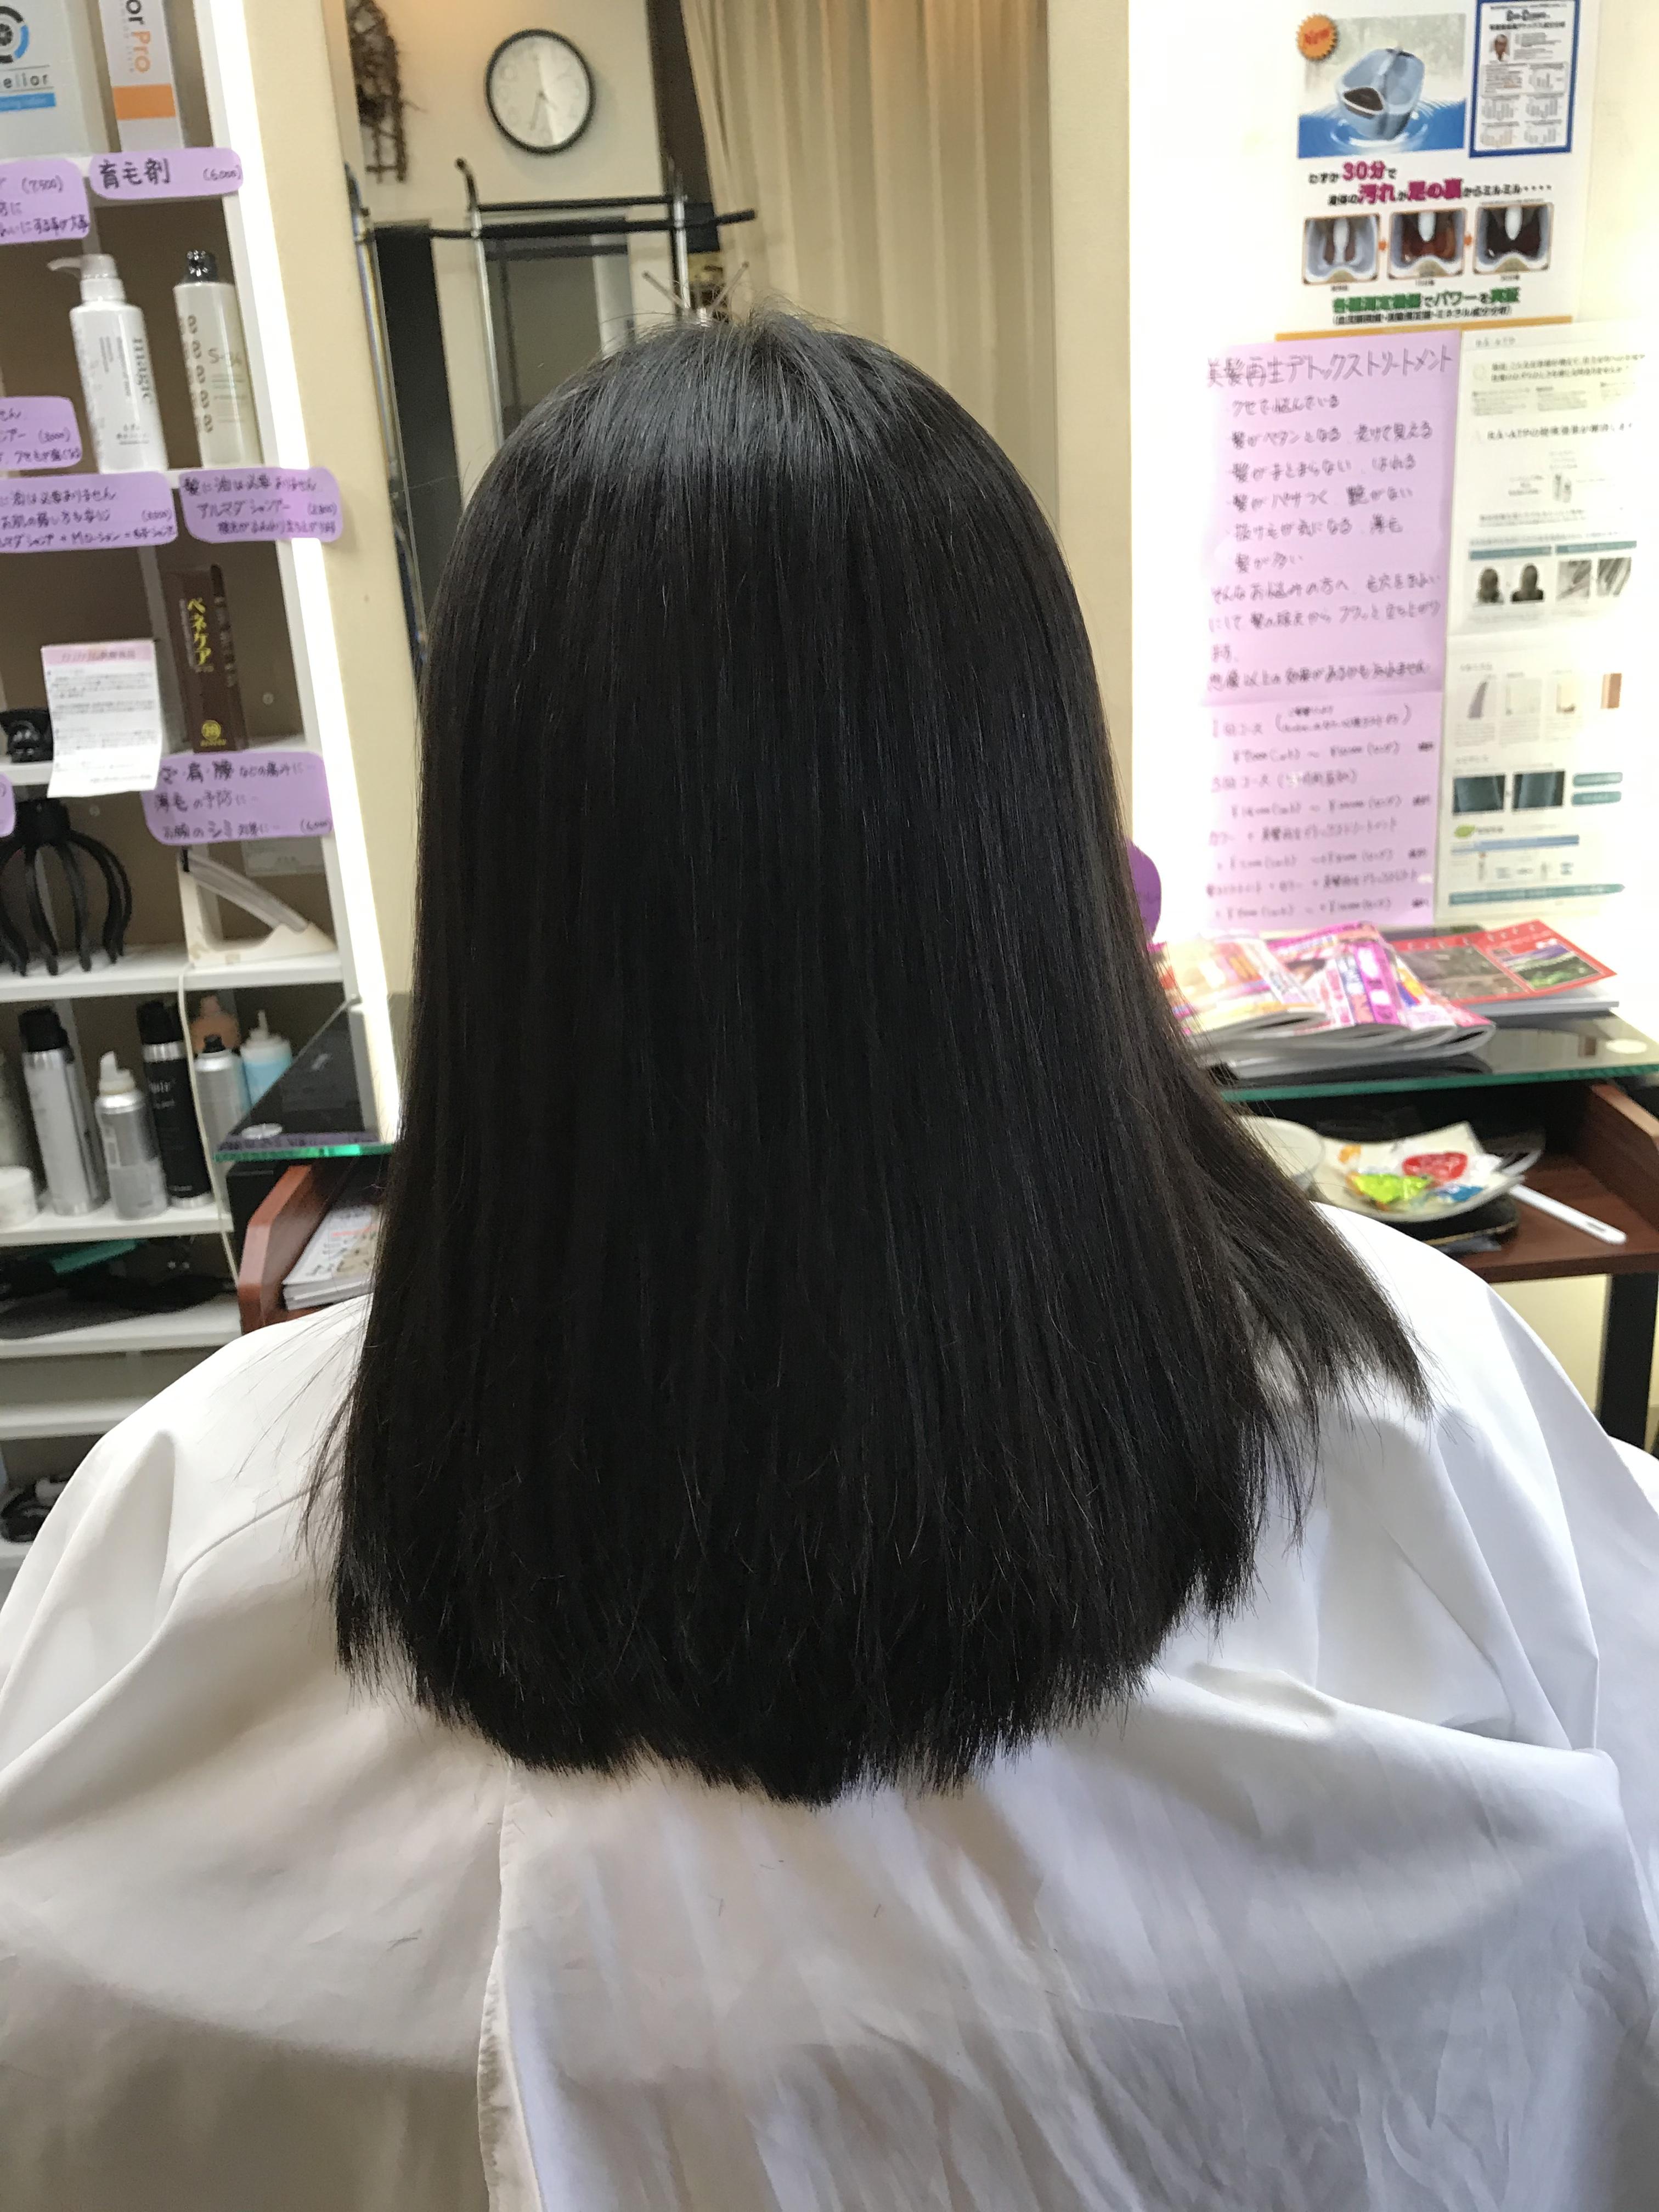 髪の悩みは『頭が重くて硬いんです』